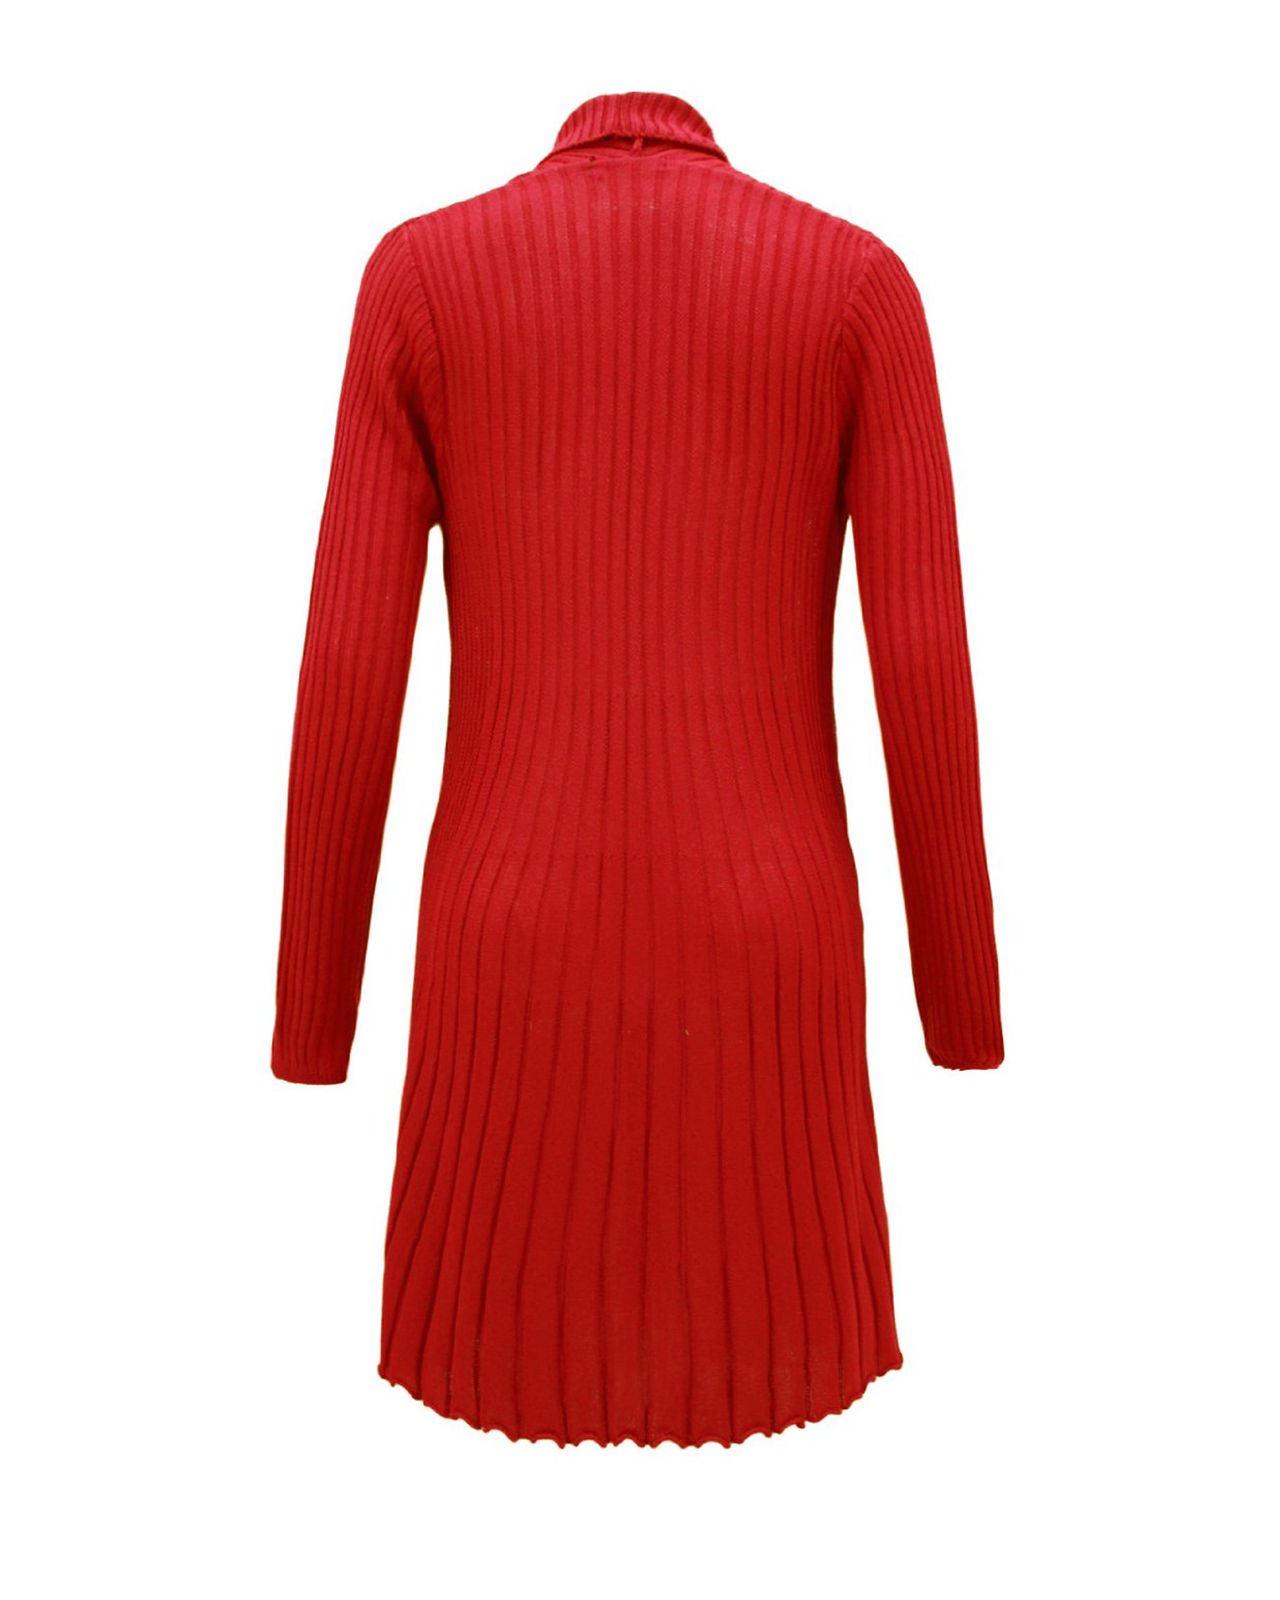 Knitting Wear Company : Ladies women knitted boyfriend crochet long cardigan